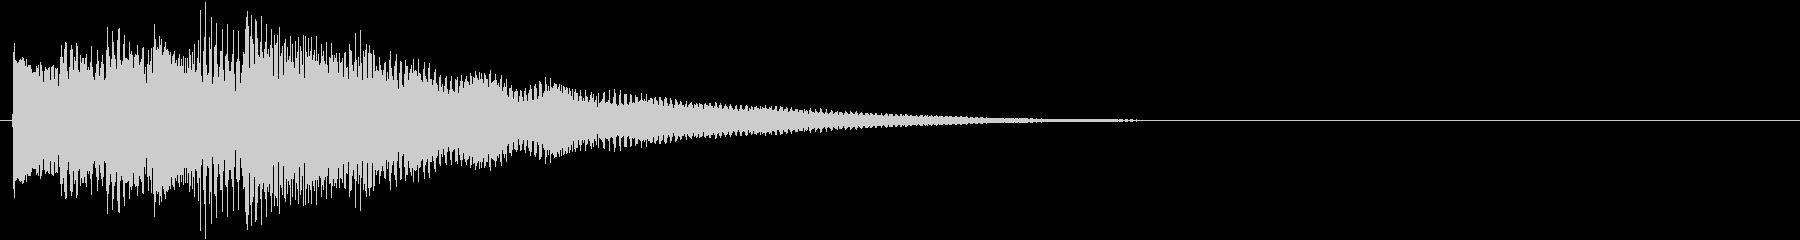 フレーズ系07 文字、テロップ表示(大)の未再生の波形